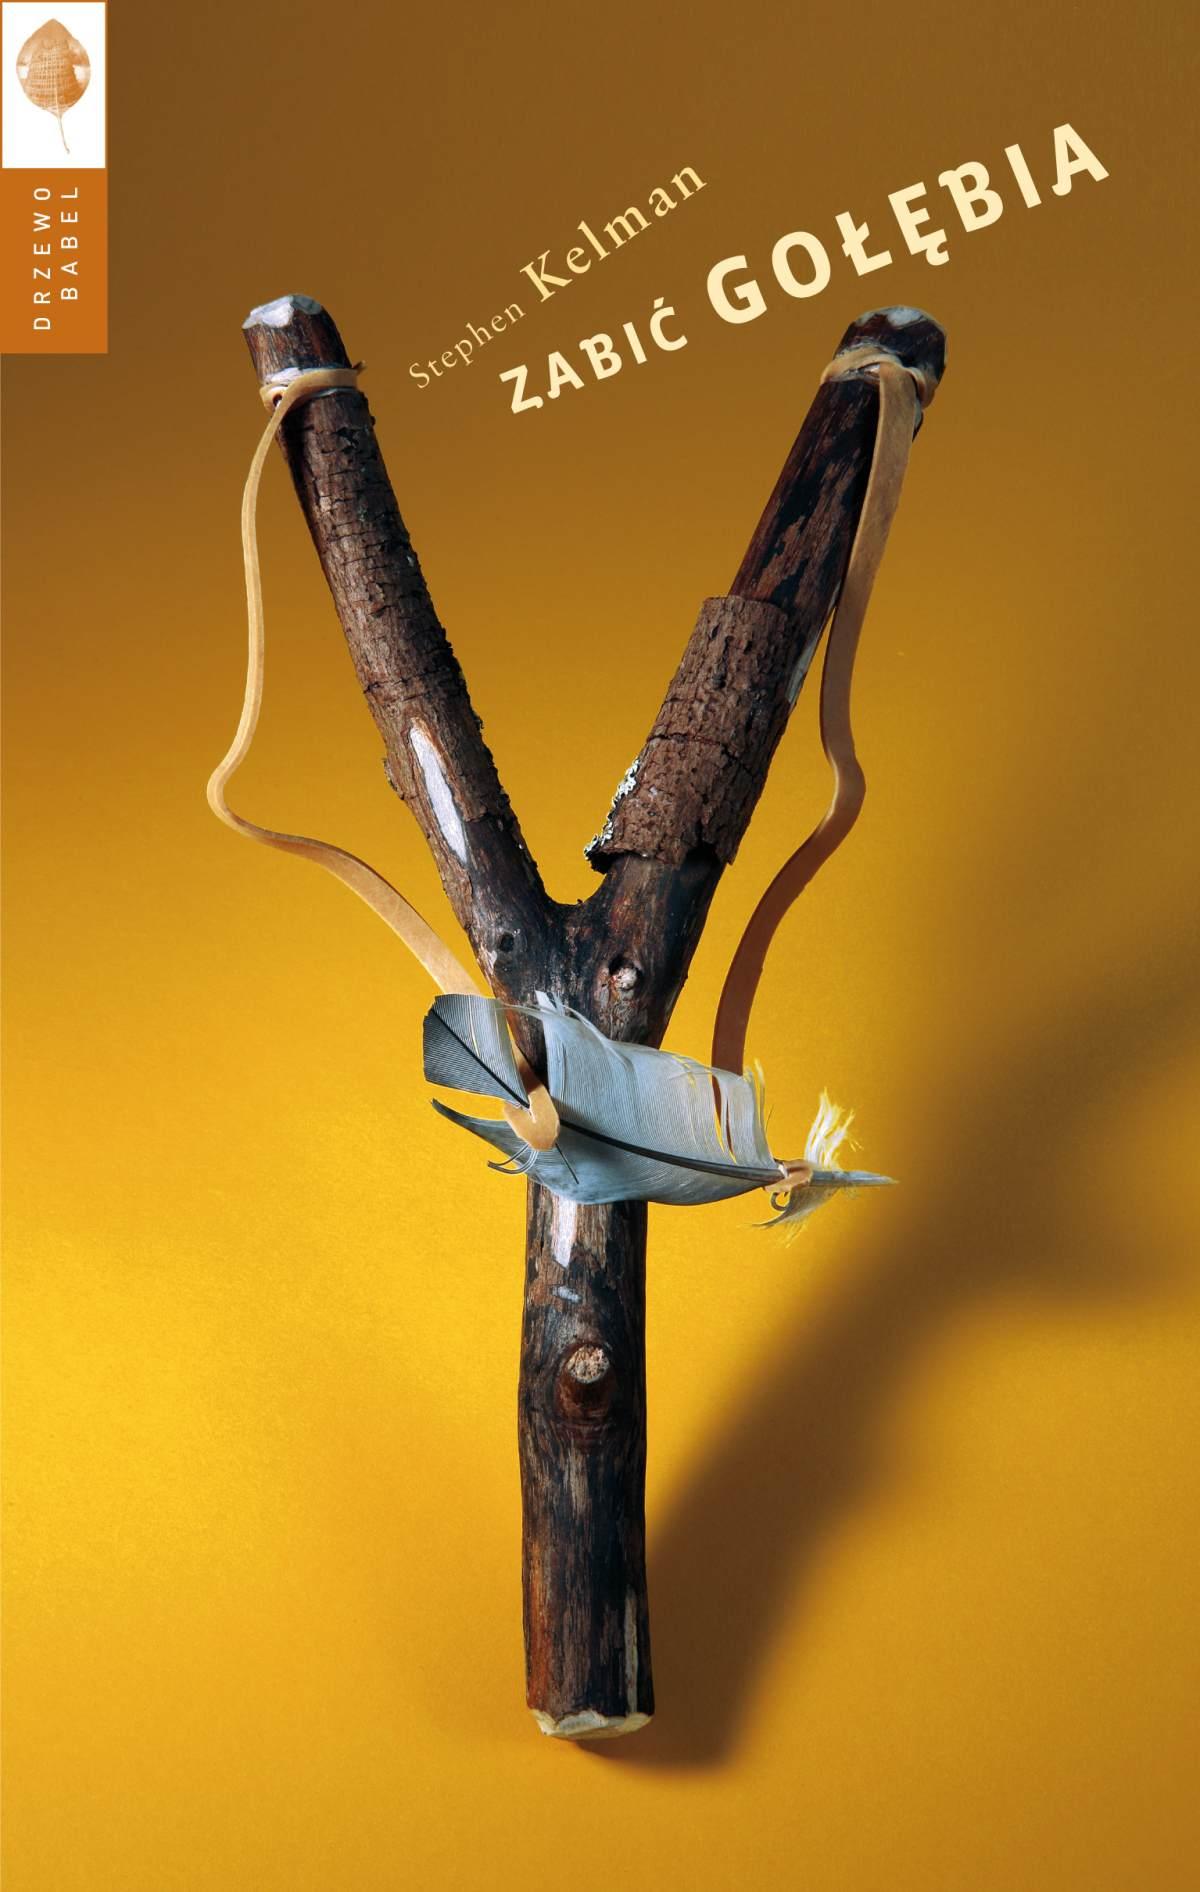 Zabić gołębia - Ebook (Książka EPUB) do pobrania w formacie EPUB